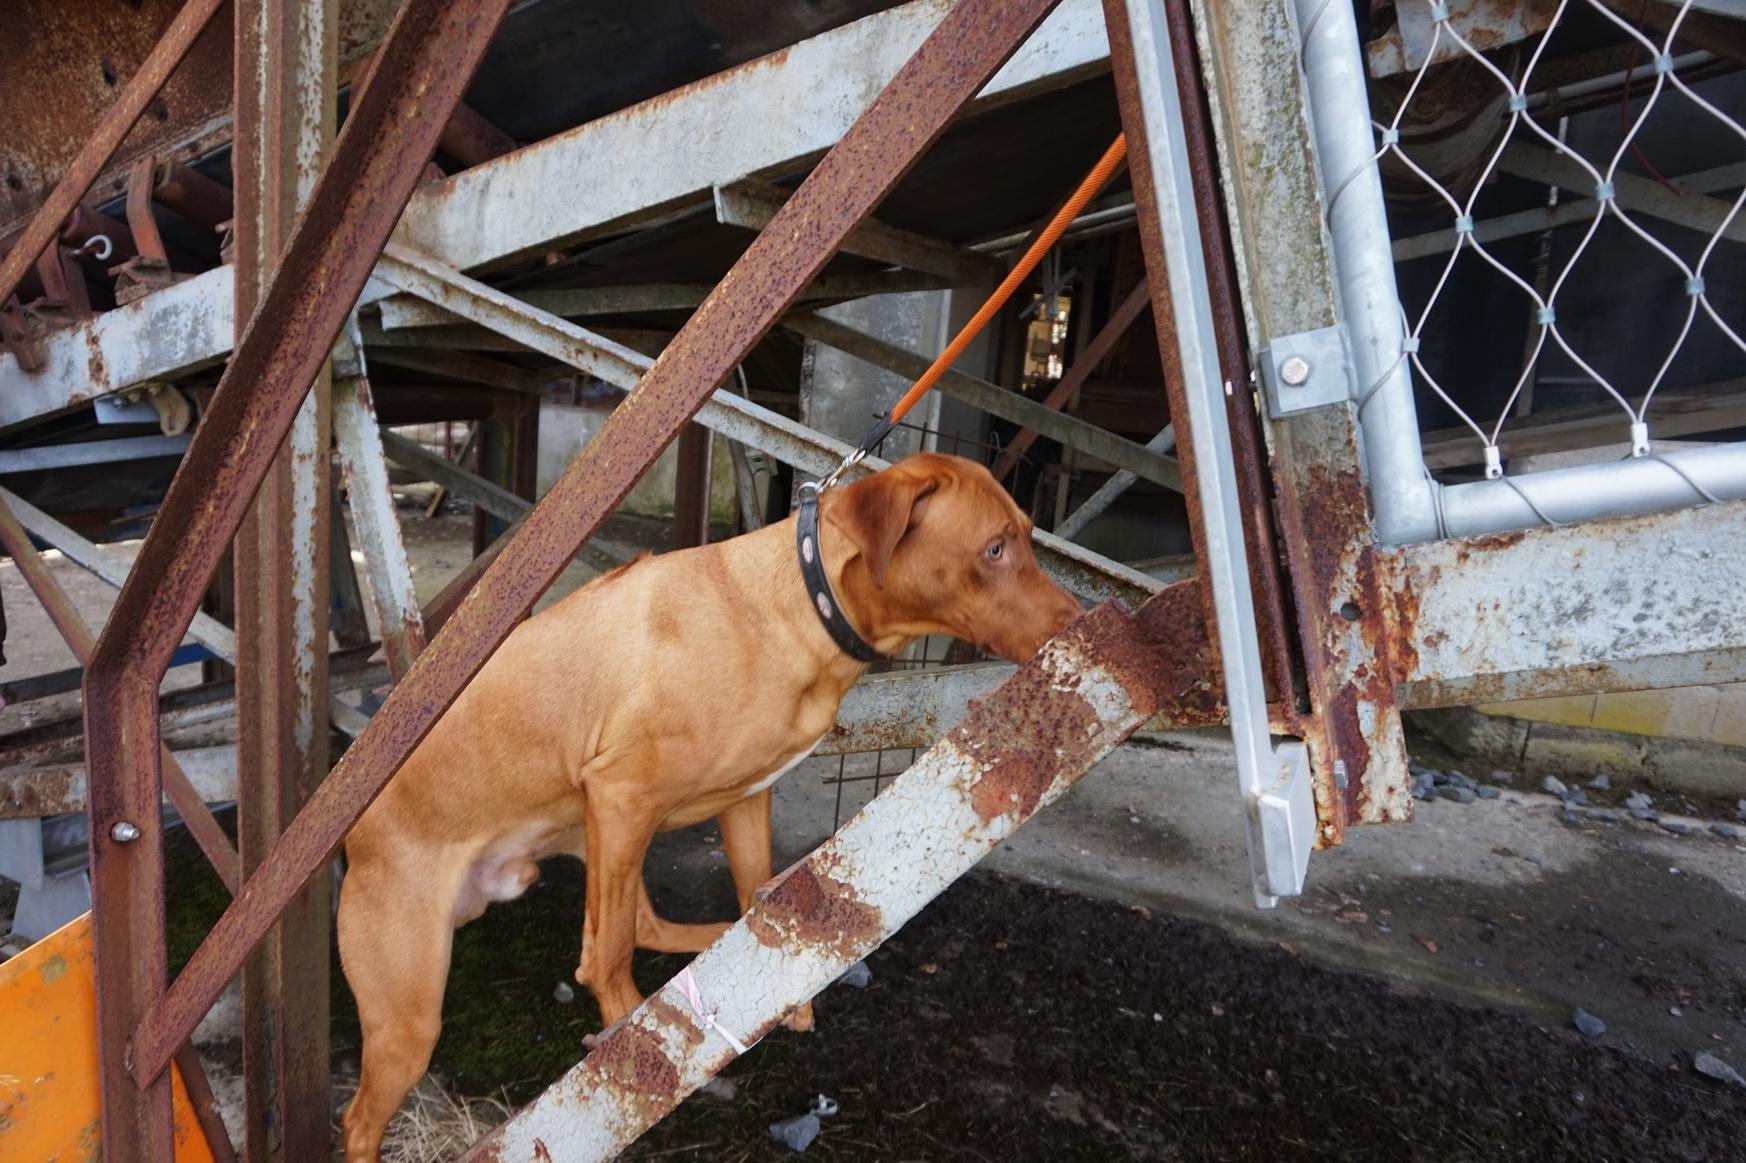 Angus tastet sich vorsichtig über die Stufen nach oben.